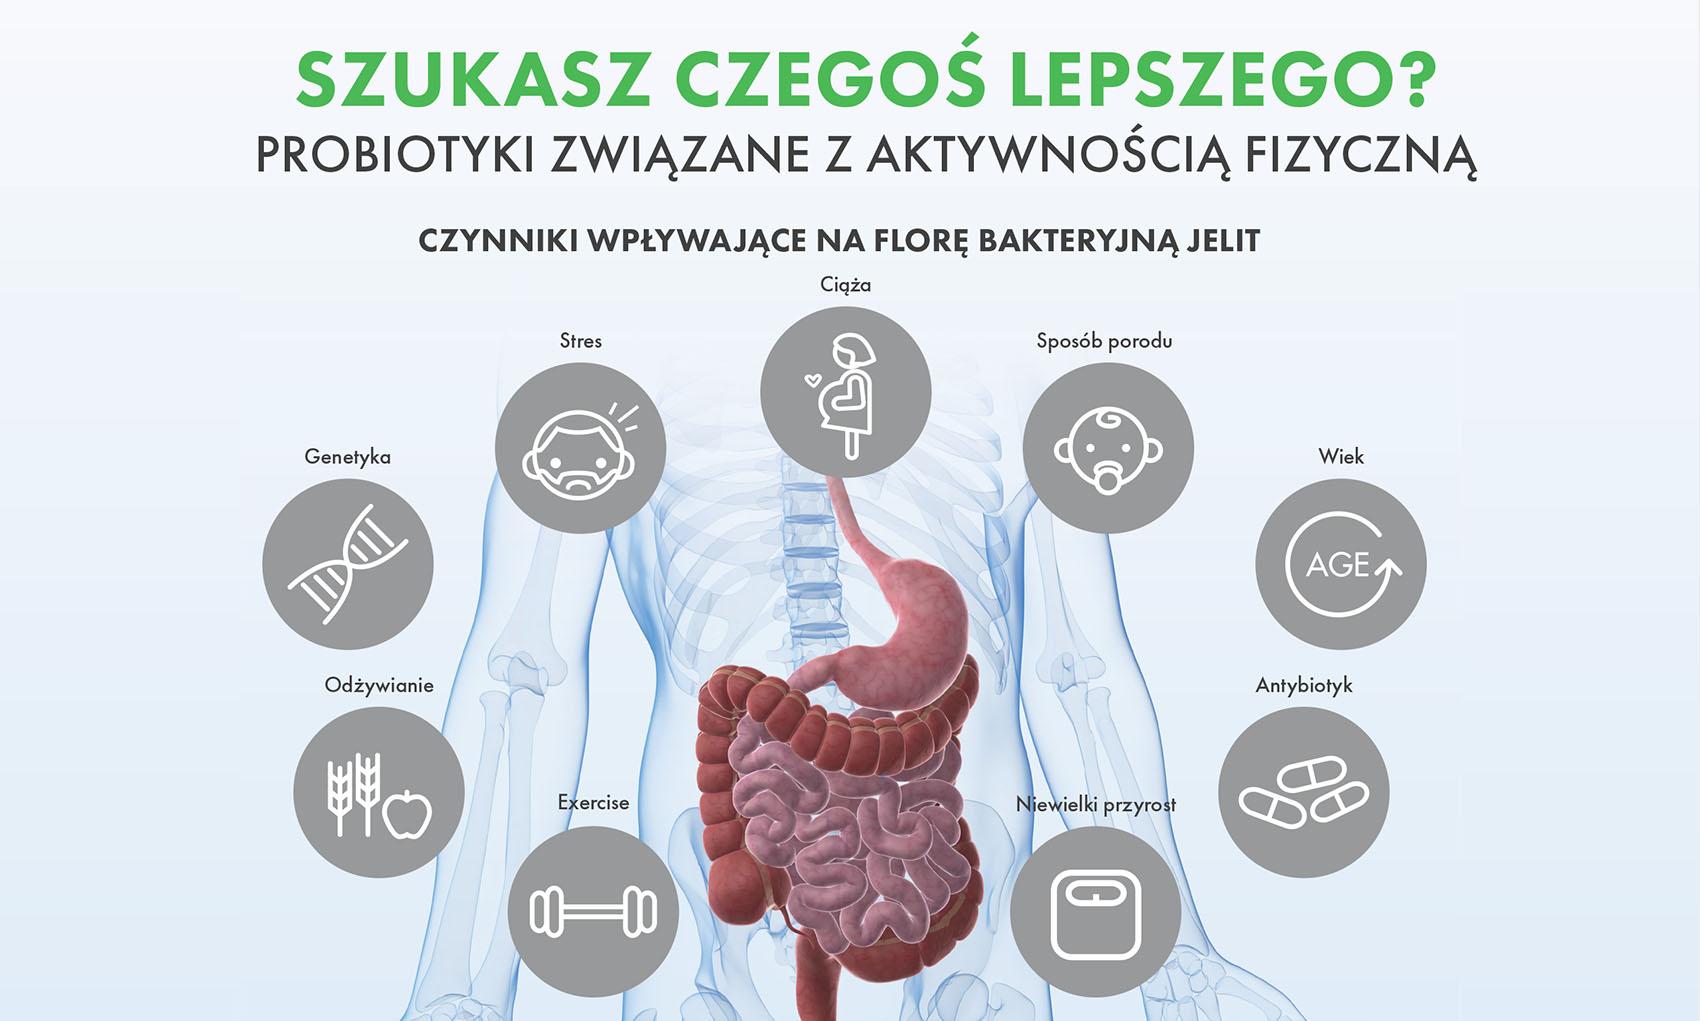 Probiotyki związane z aktywnością fizyczną